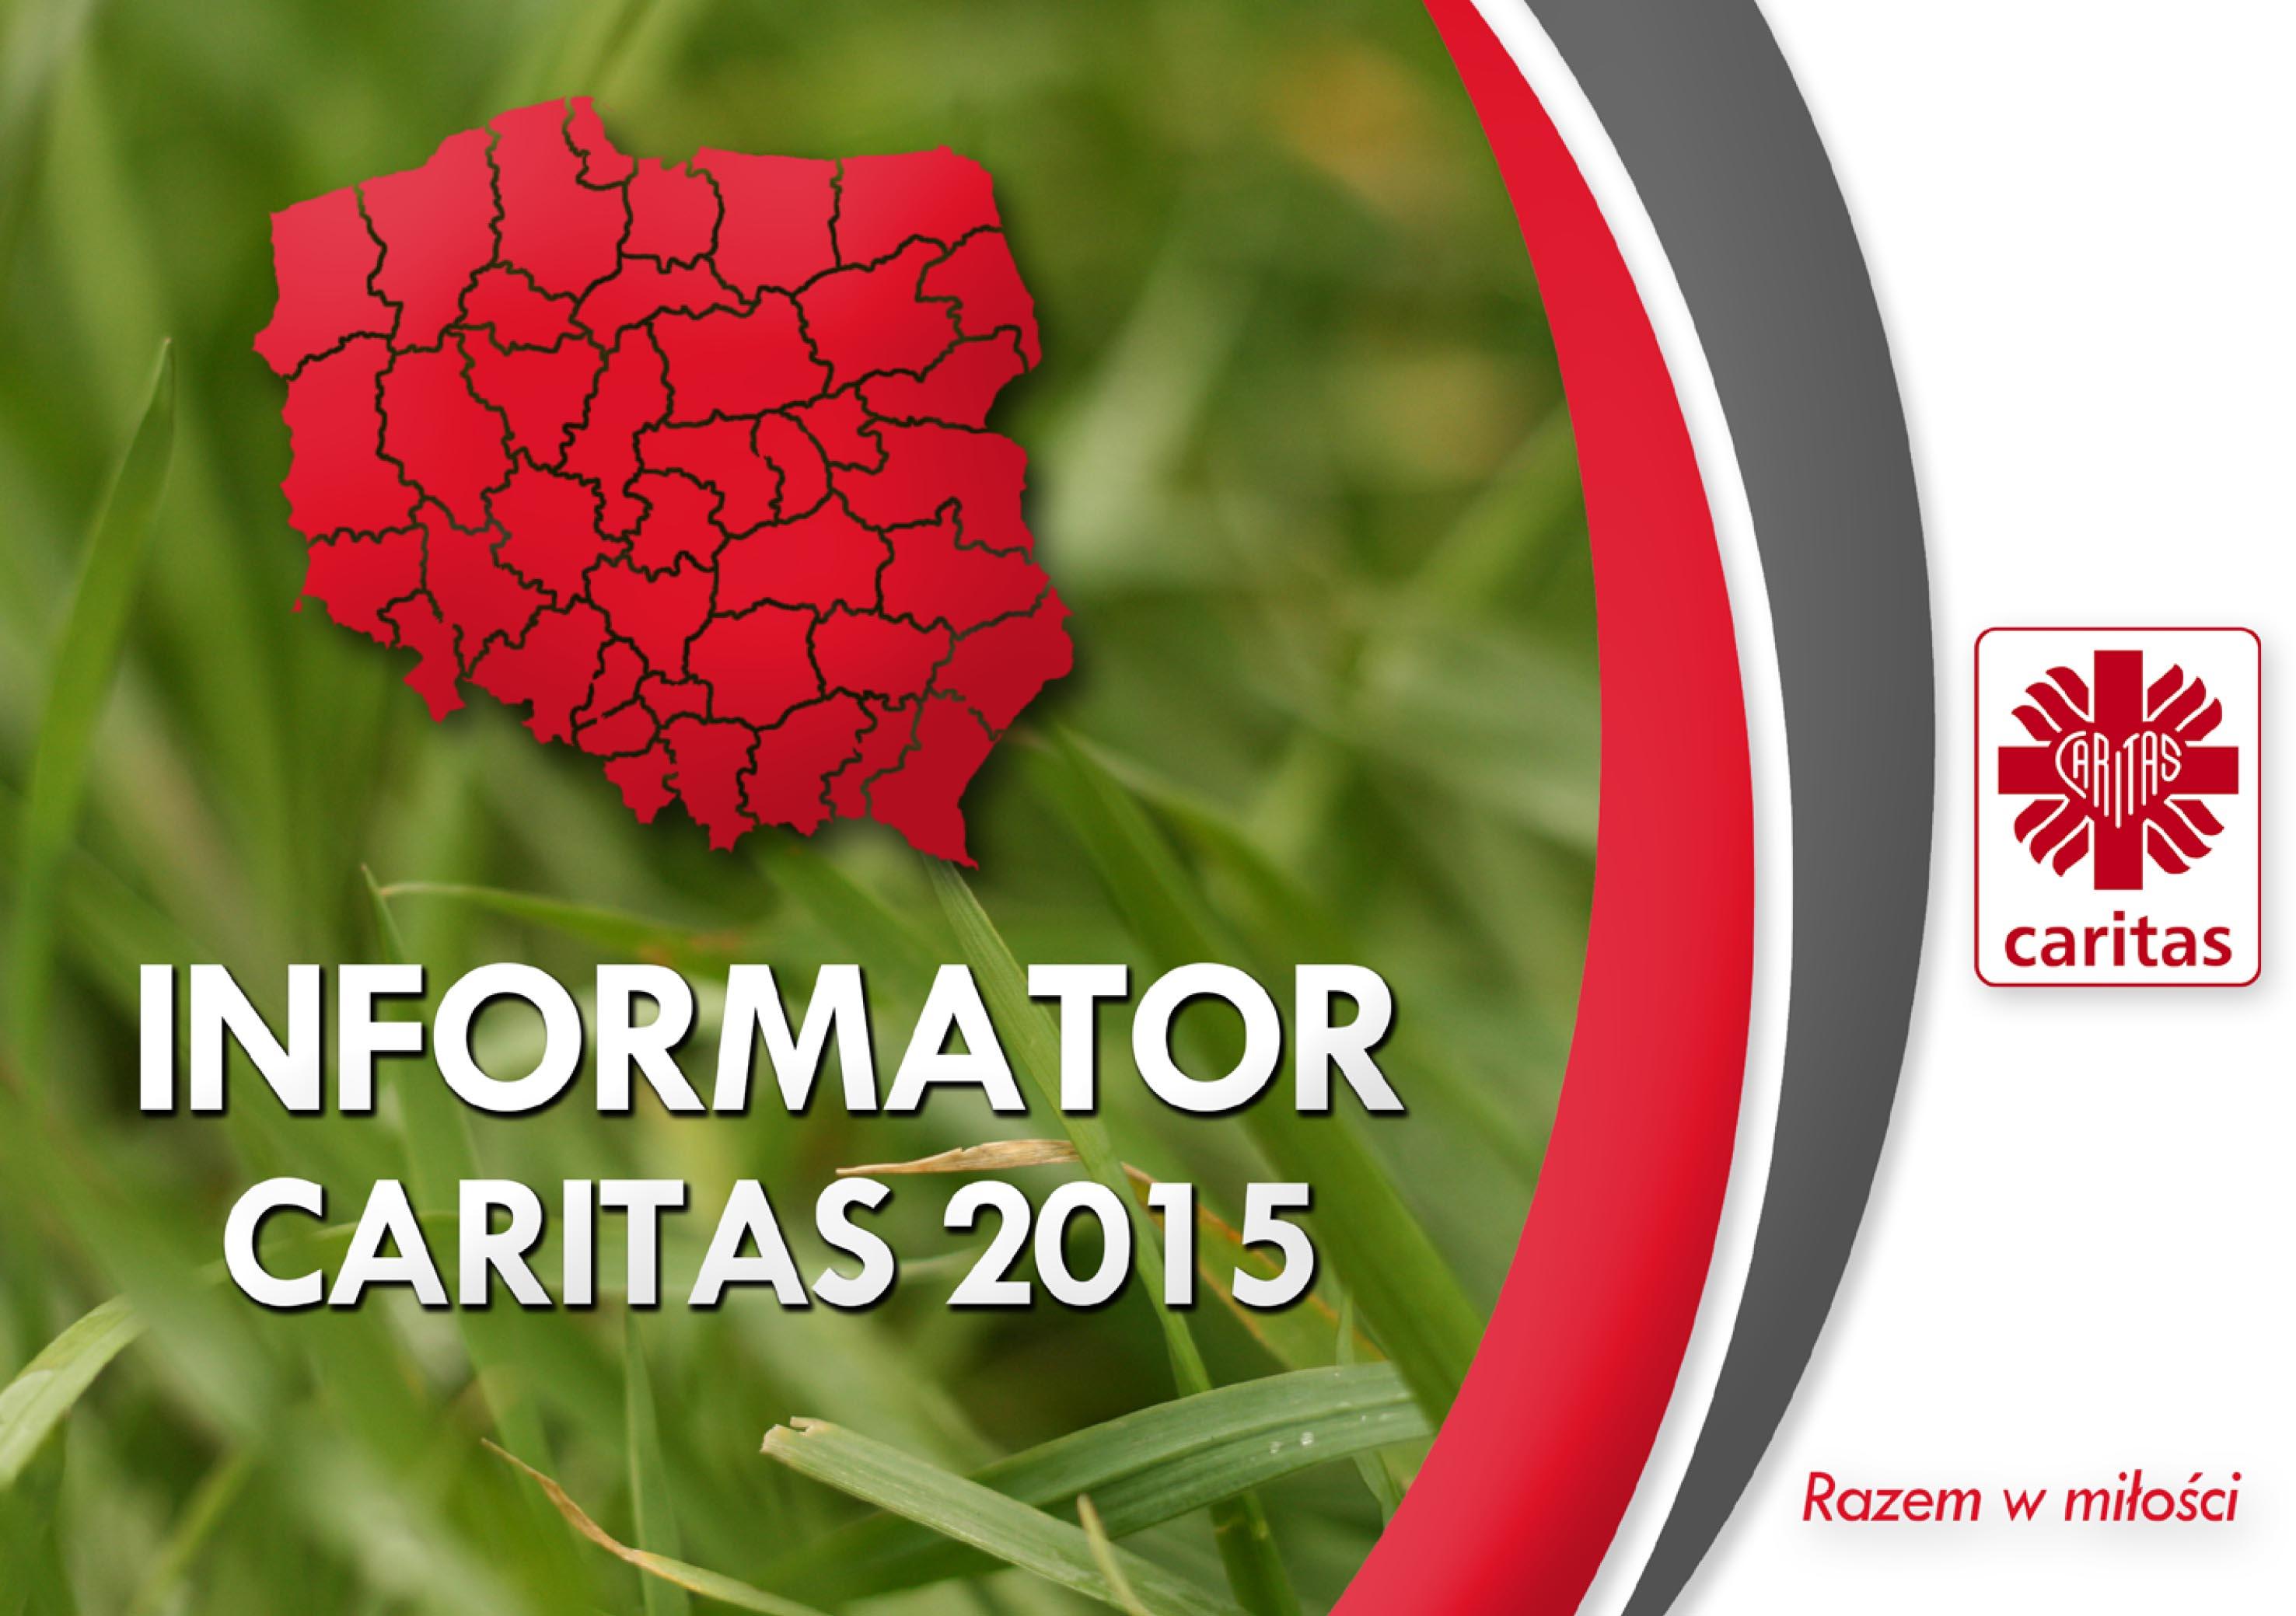 informator_Caritas_2015-1